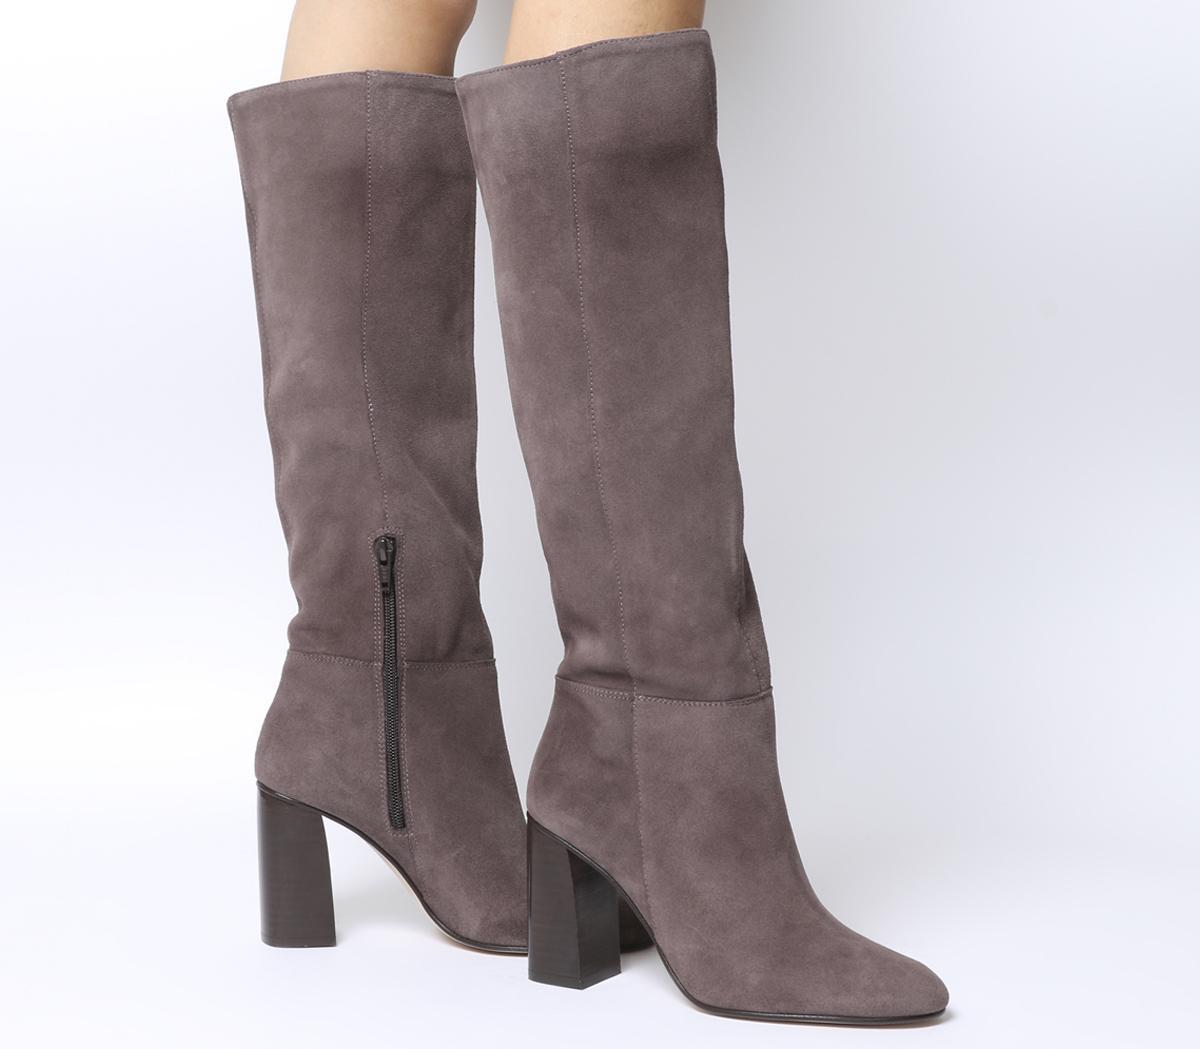 Koko Pull On Block Heel Boots